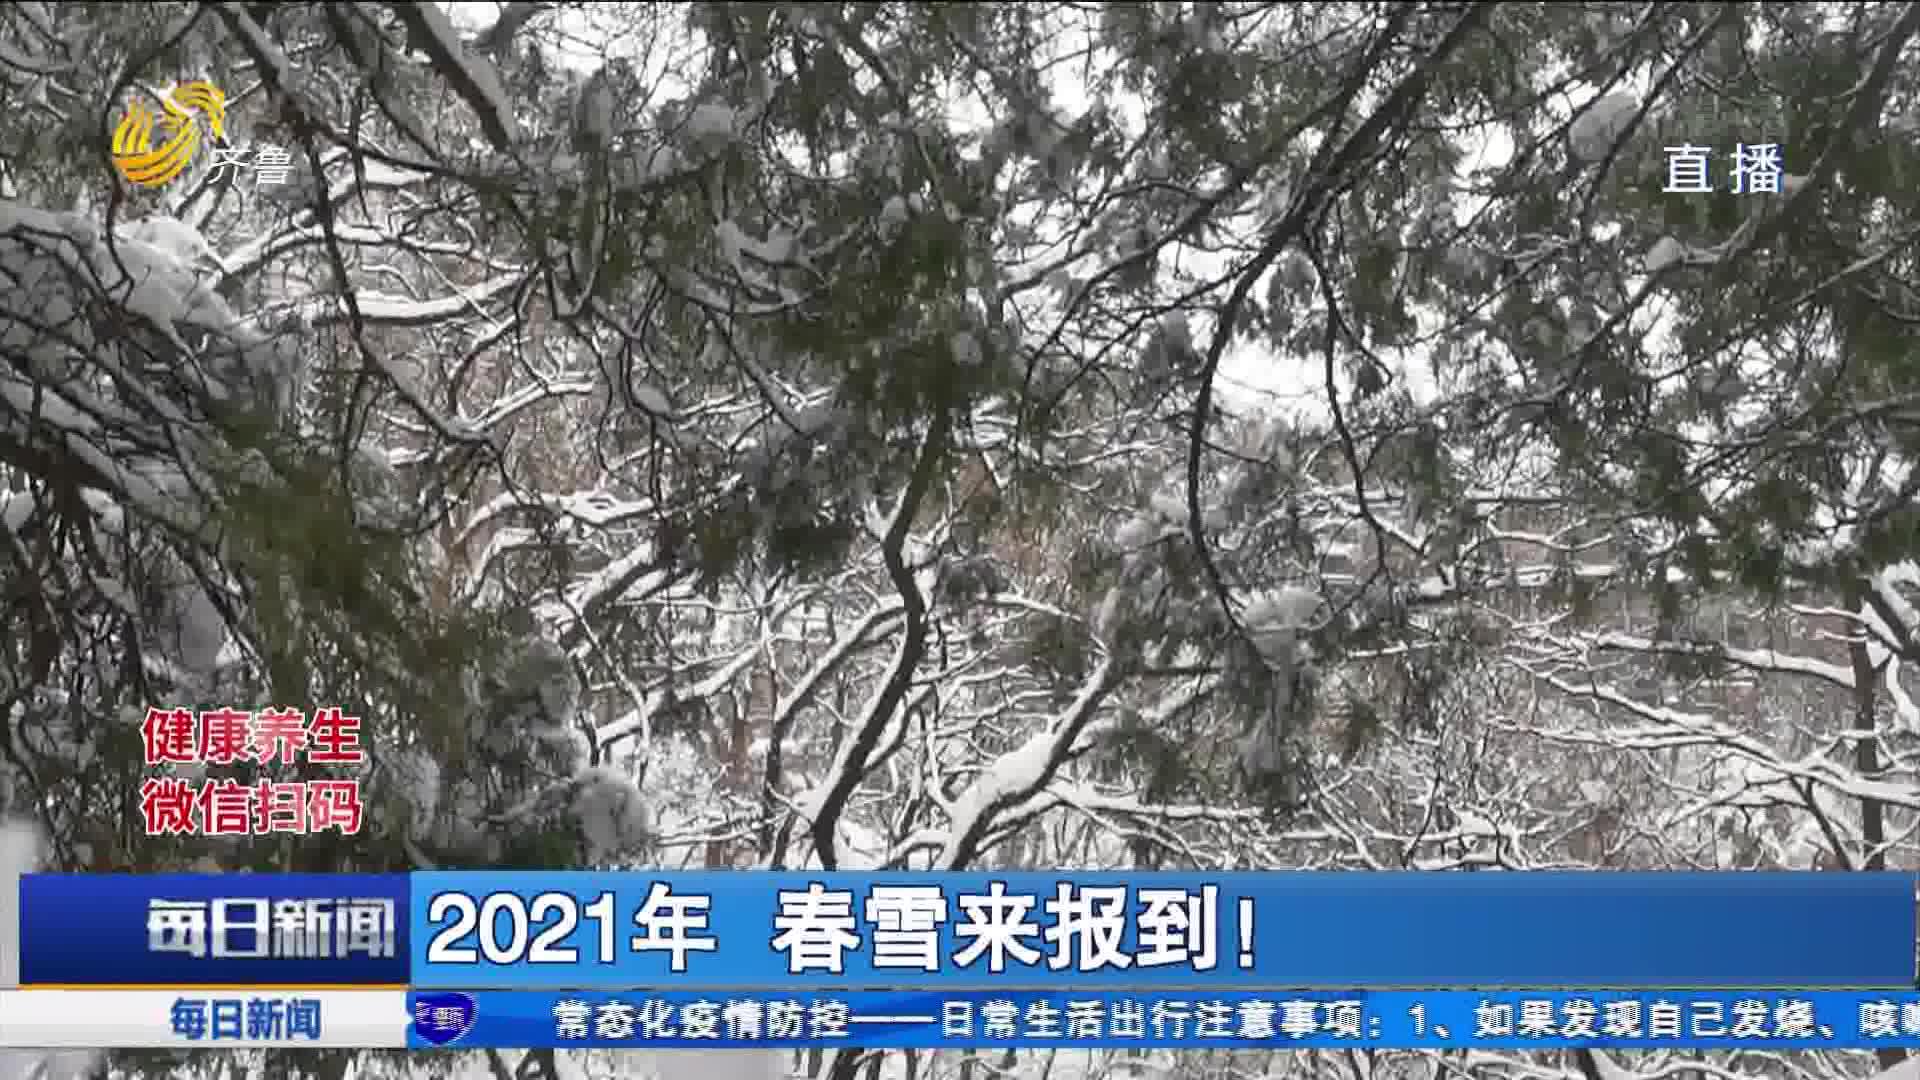 2021年 春雪来报到!